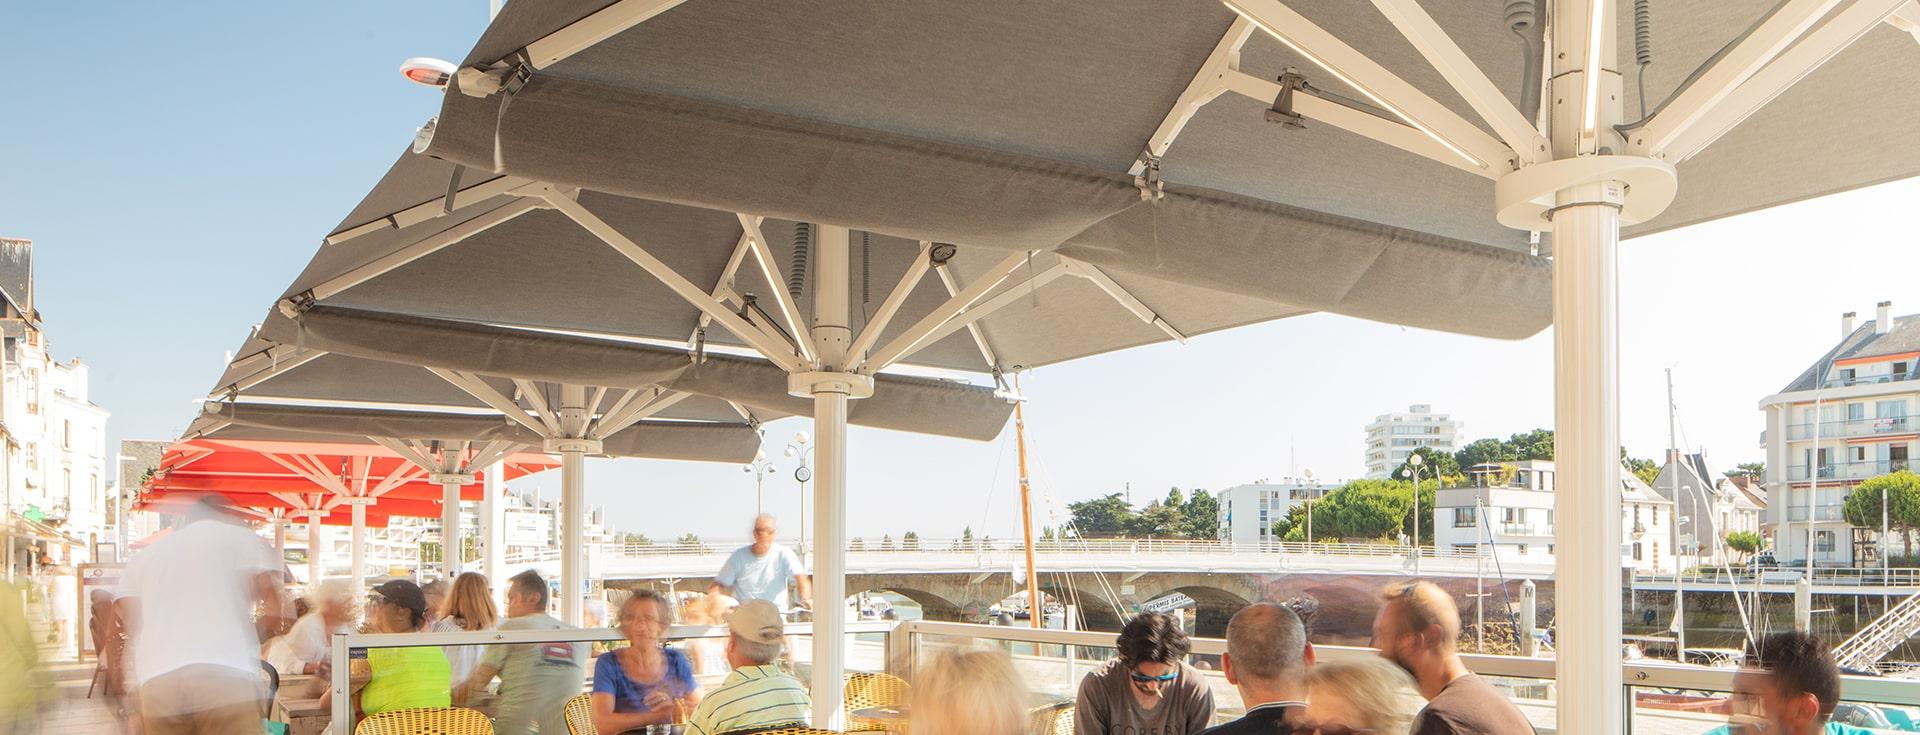 Parasol Professionel - Parasol Géant - Palazzo Style - Bar Les Moussaillons Le Pouliguen - a tester-min